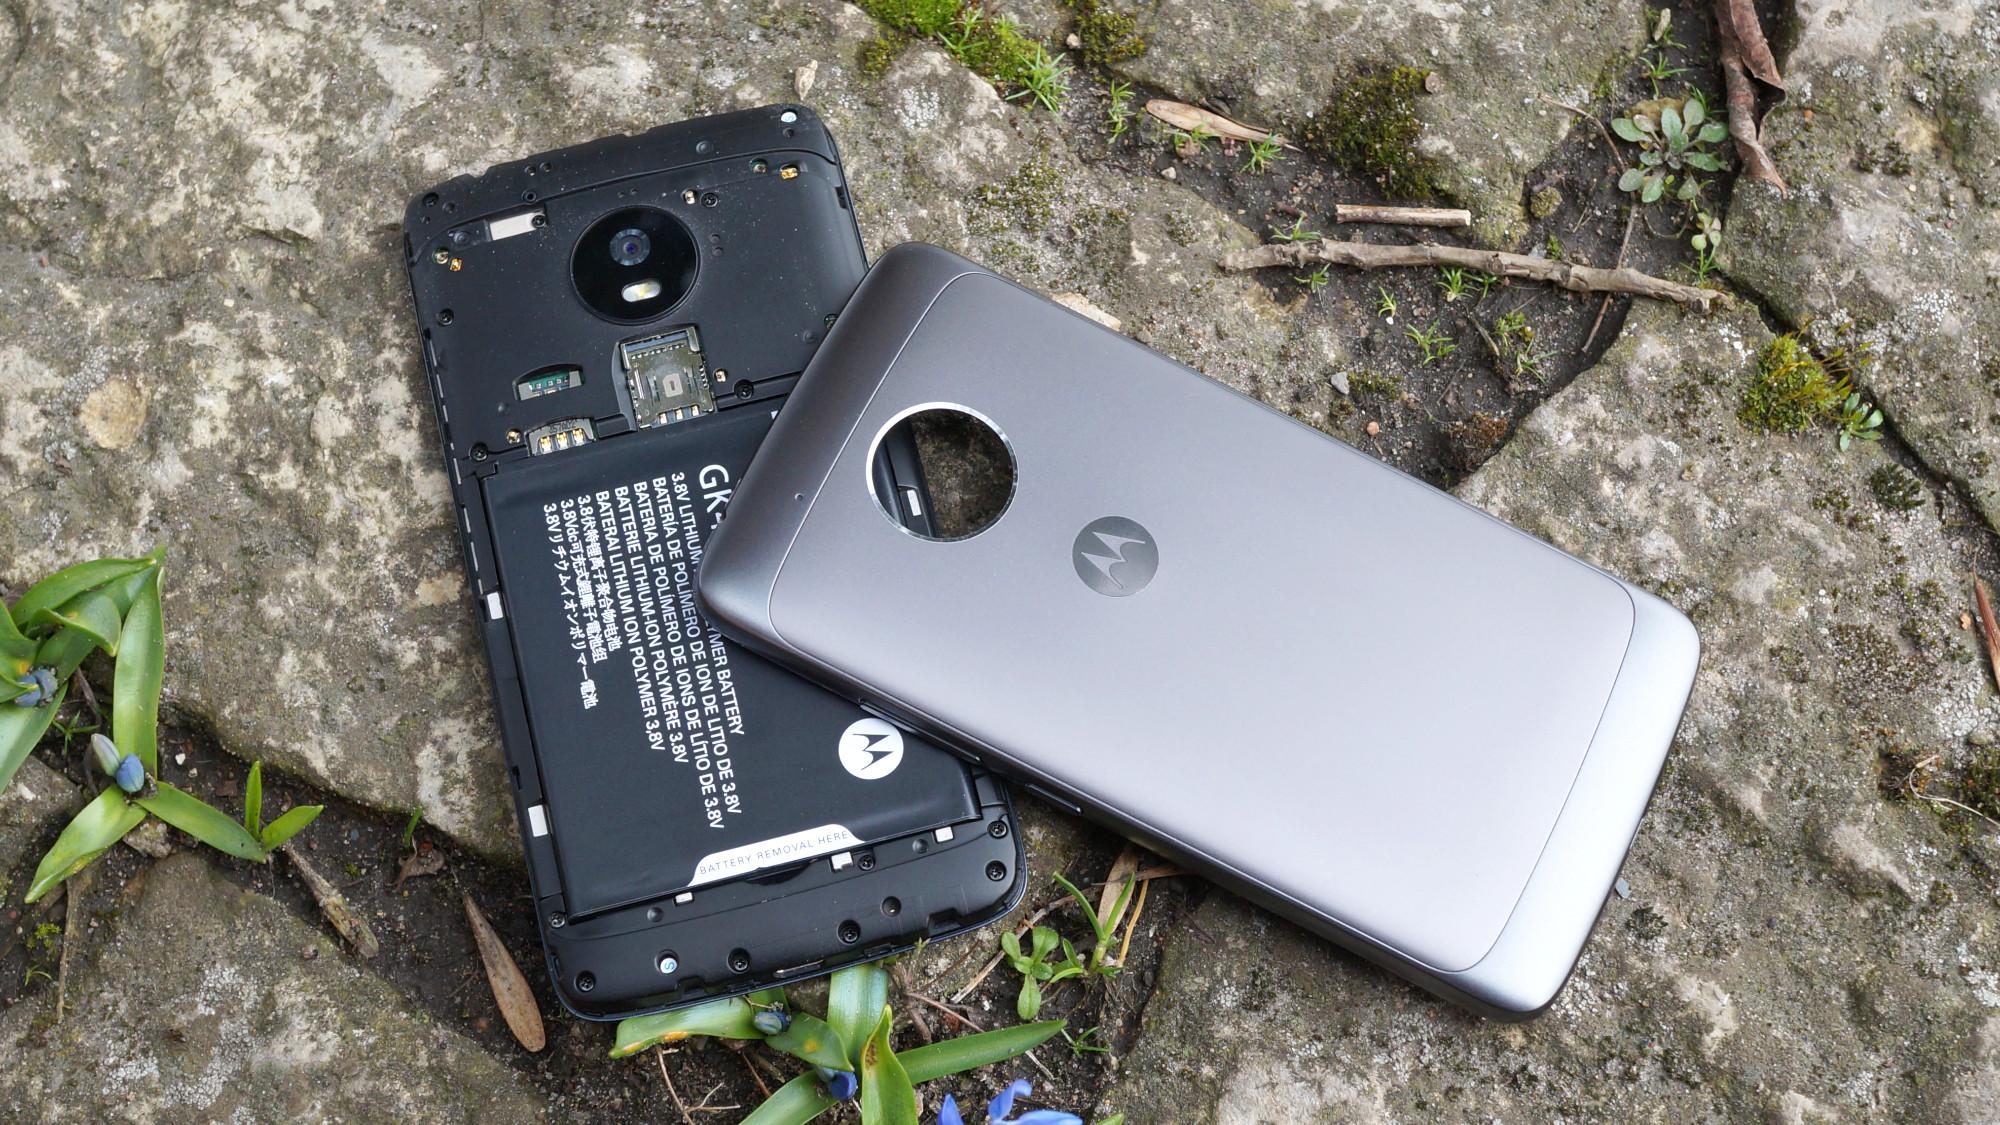 Batteriet ger telefonen bra batteritid för normala användare. Vid normal  användning klarar sig telefonen genom en dags användning utan problem. 511c05a9766ad